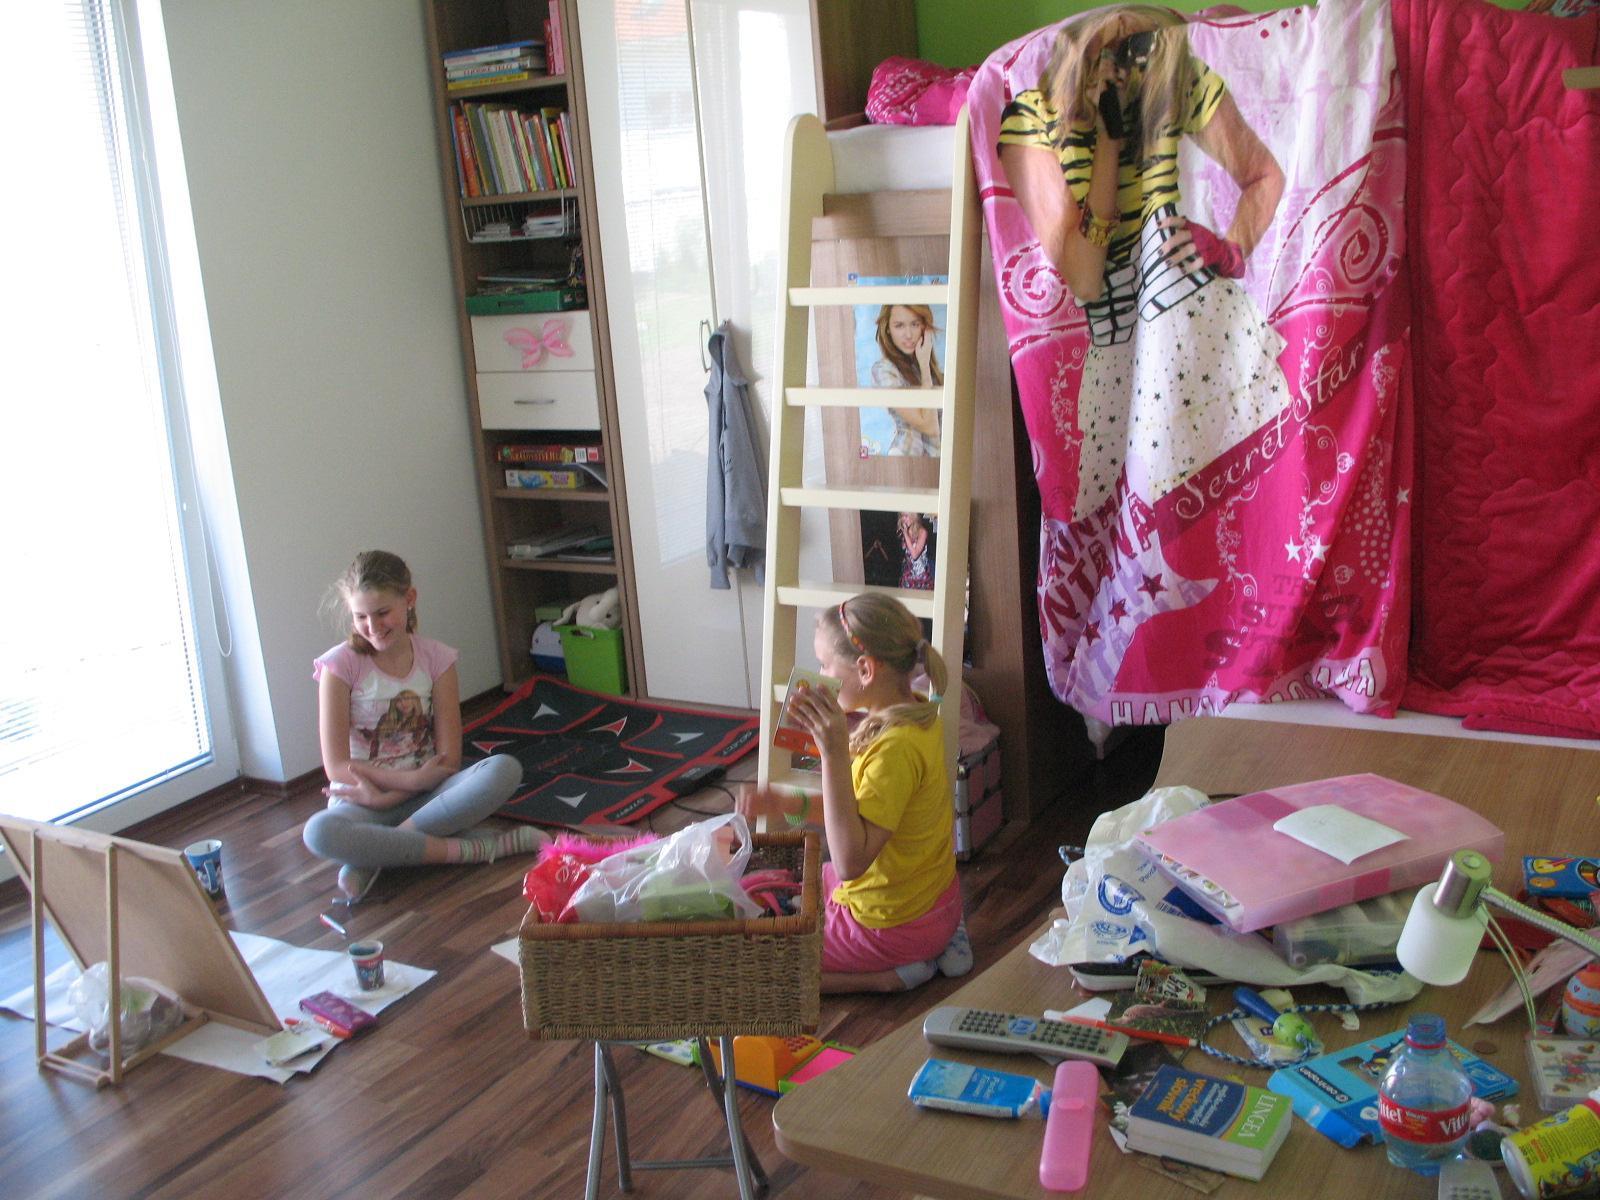 Detska - studentska izba - aj takto to moze vyzerať, ked sa dve herečky zacnu hrať... sodoma gomora, cecilko. navytahovali vsetko mozne.. vsade... este ja bunker je....nastastie to upratali... bordel v byte, stastne díte :) ved aha ako sa smeju :)